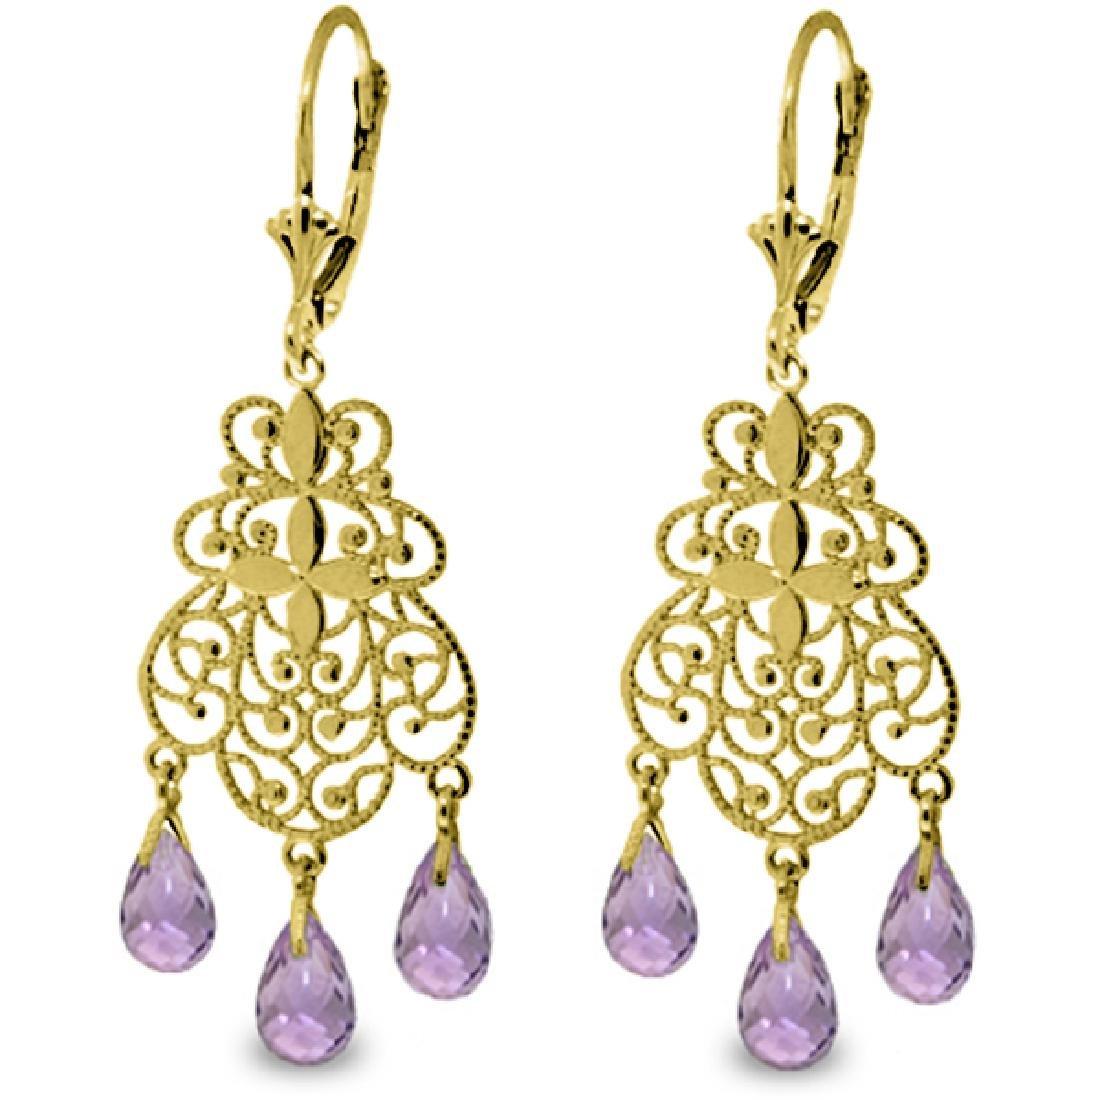 Genuine 3.75 ctw Amethyst Earrings Jewelry 14KT Yellow